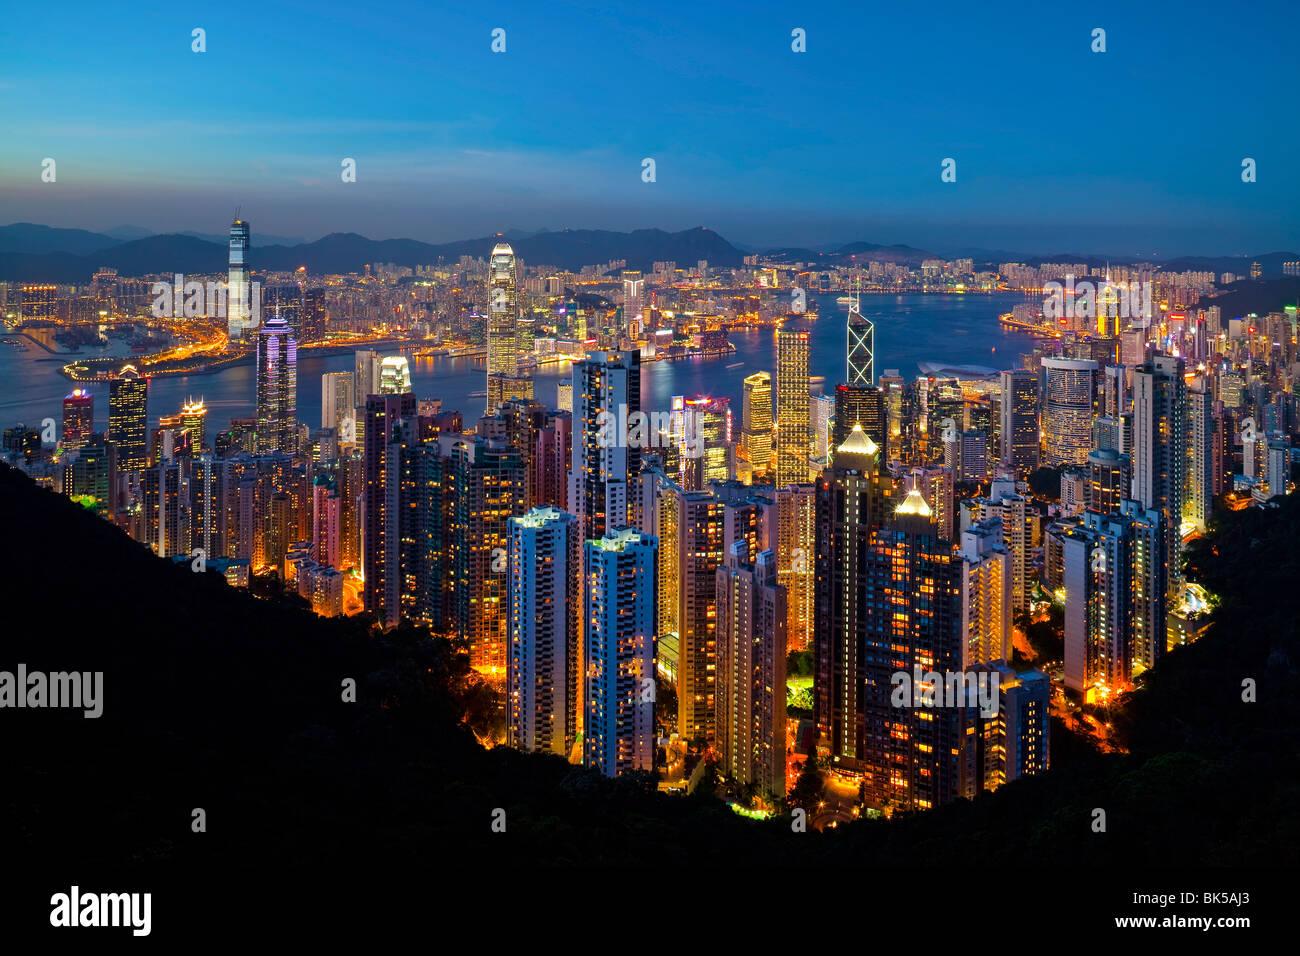 Vistas de Hong Kong desde el Pico Victoria, el horizonte iluminado de Central se sitúa por debajo del pico, Imagen De Stock